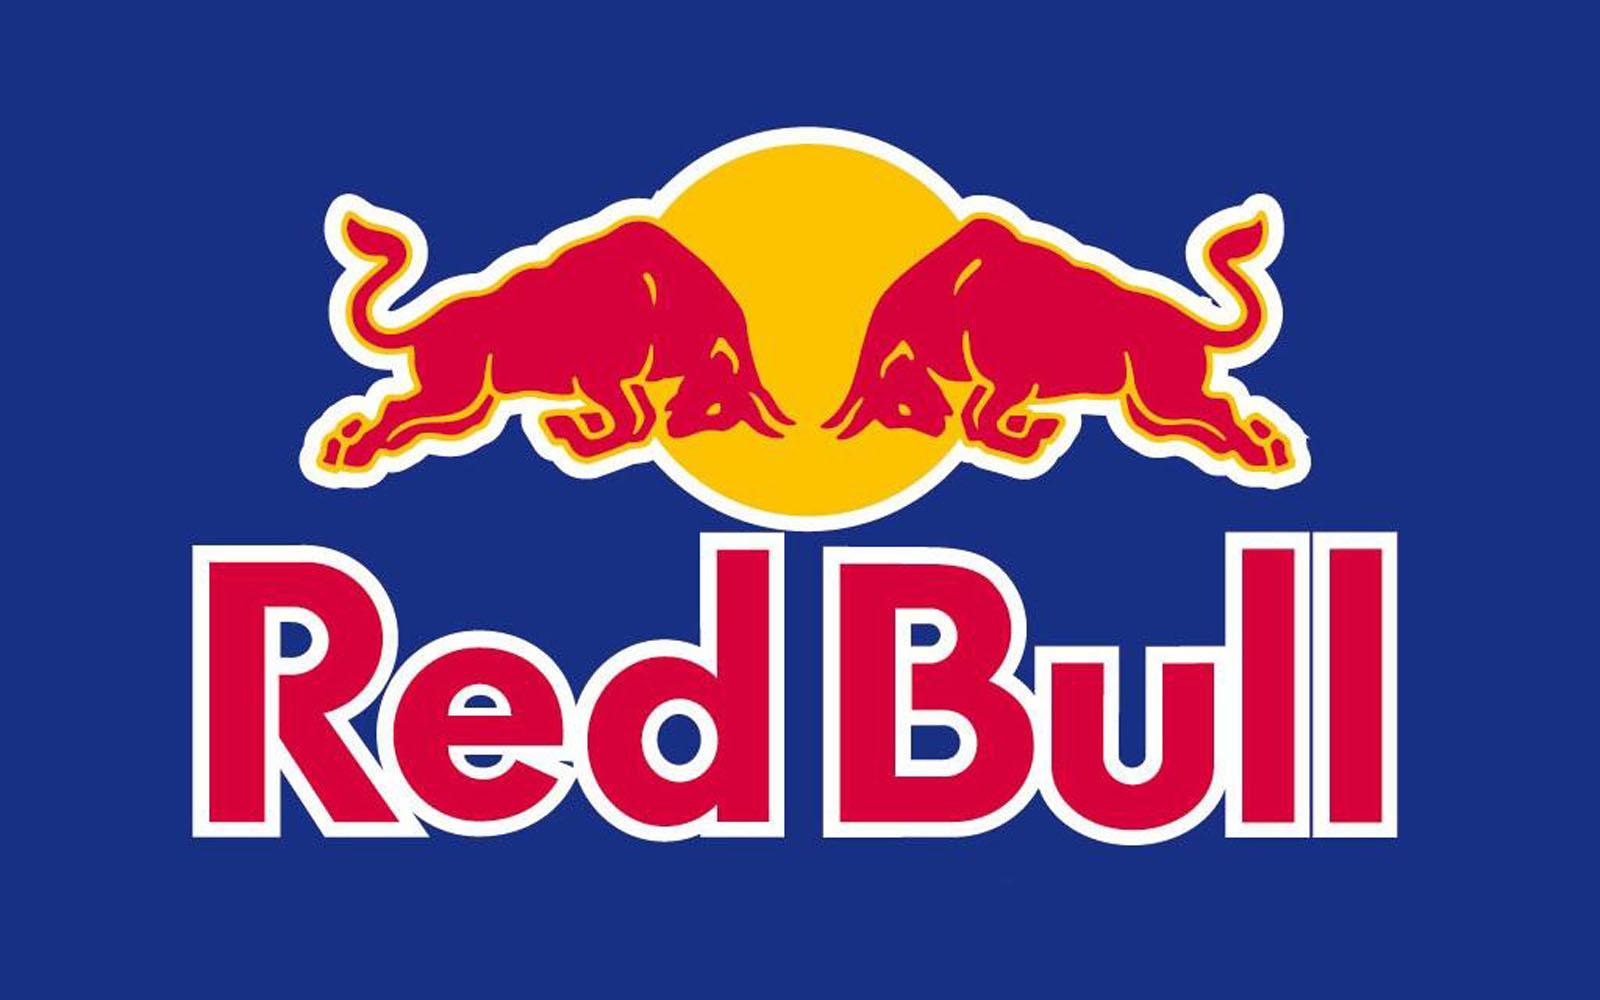 Red Bull Wallpapers Red Bull Desktop Wallpapers Red Bull Desktop 1600x1000